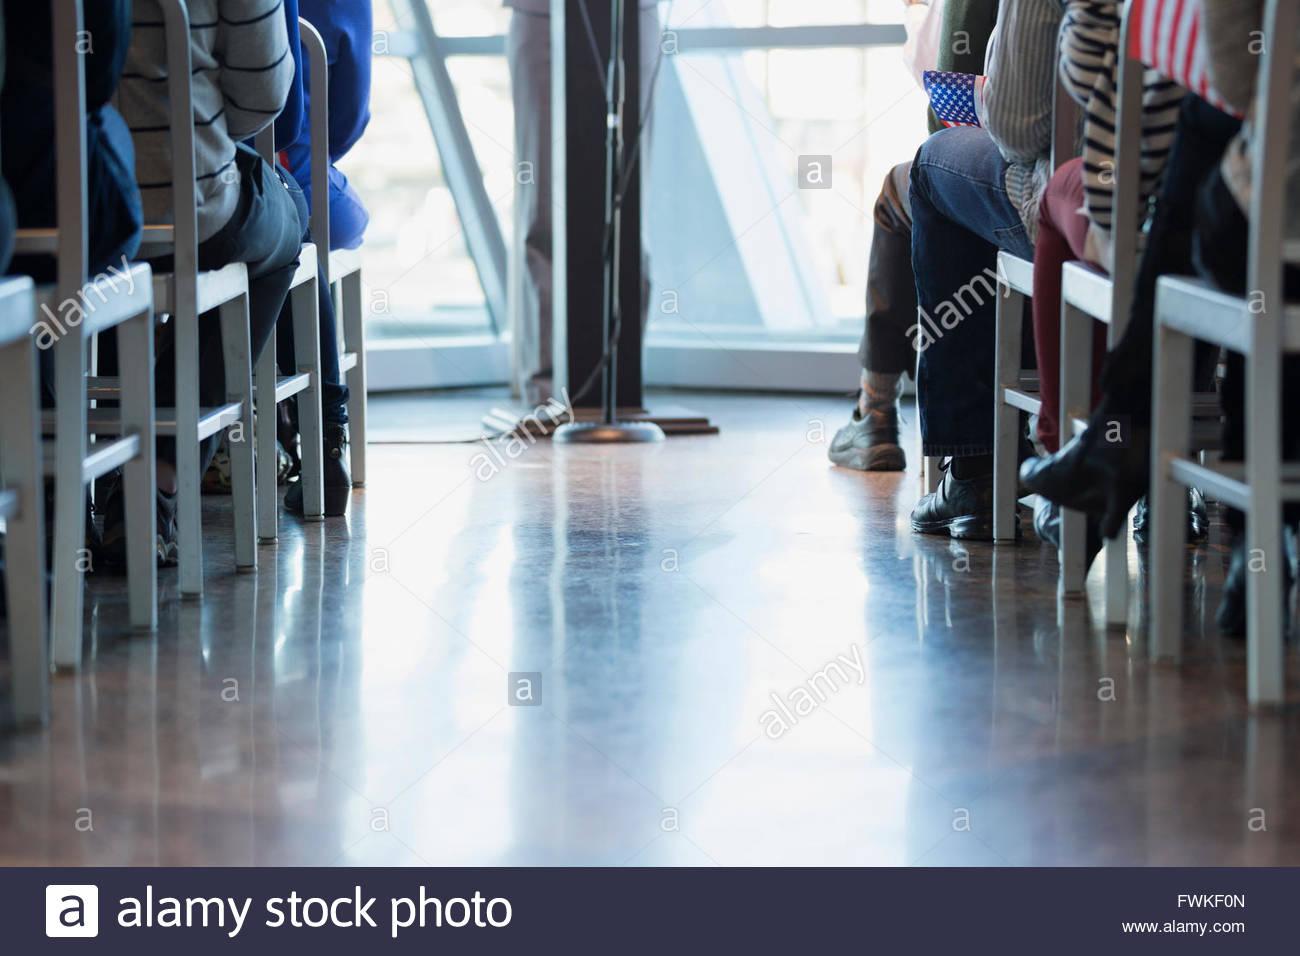 Les jambes de l'homme politique et public lors de manifestation politique Photo Stock